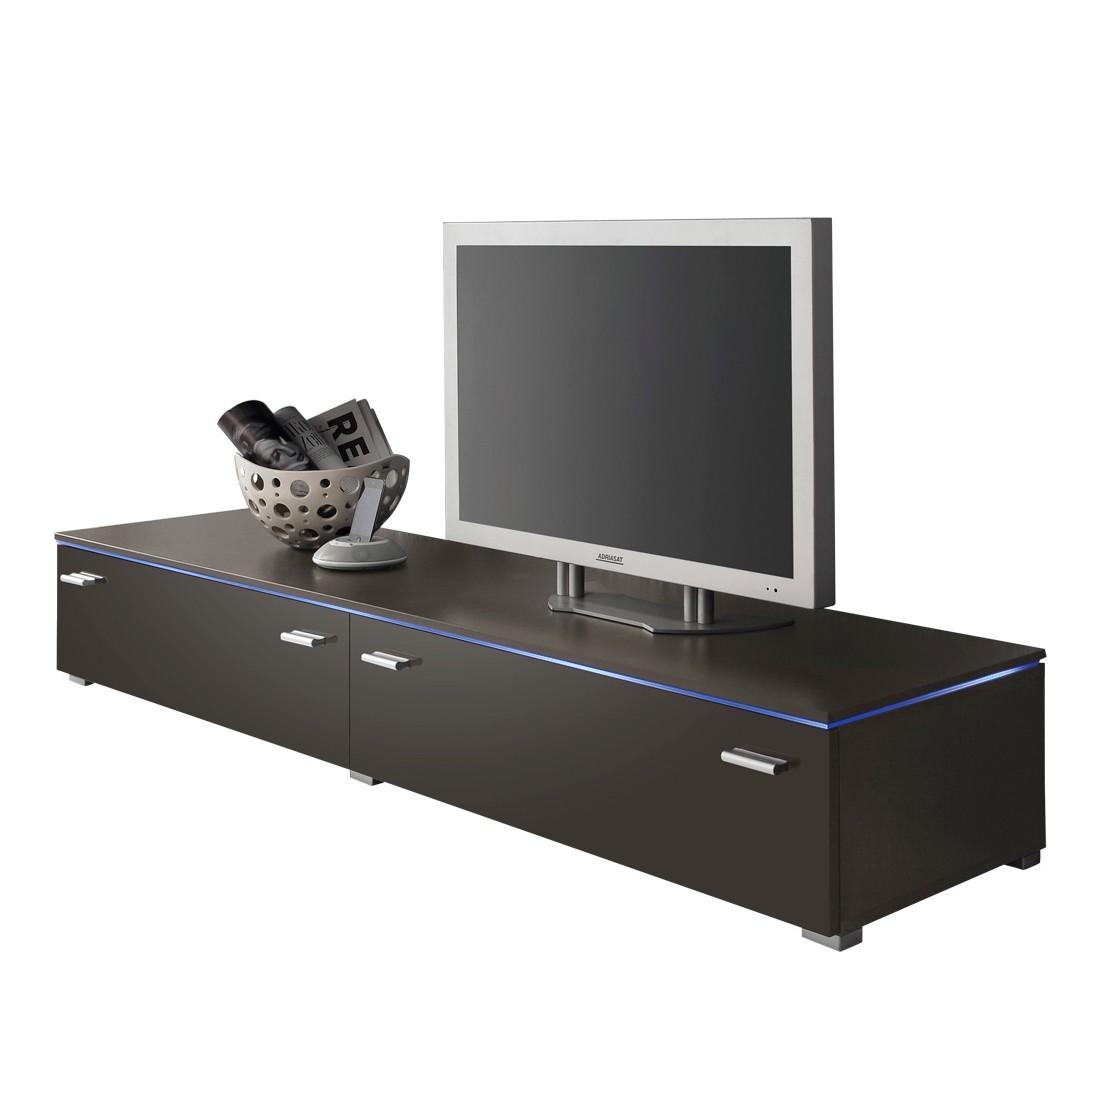 Fernseher Im Schrank